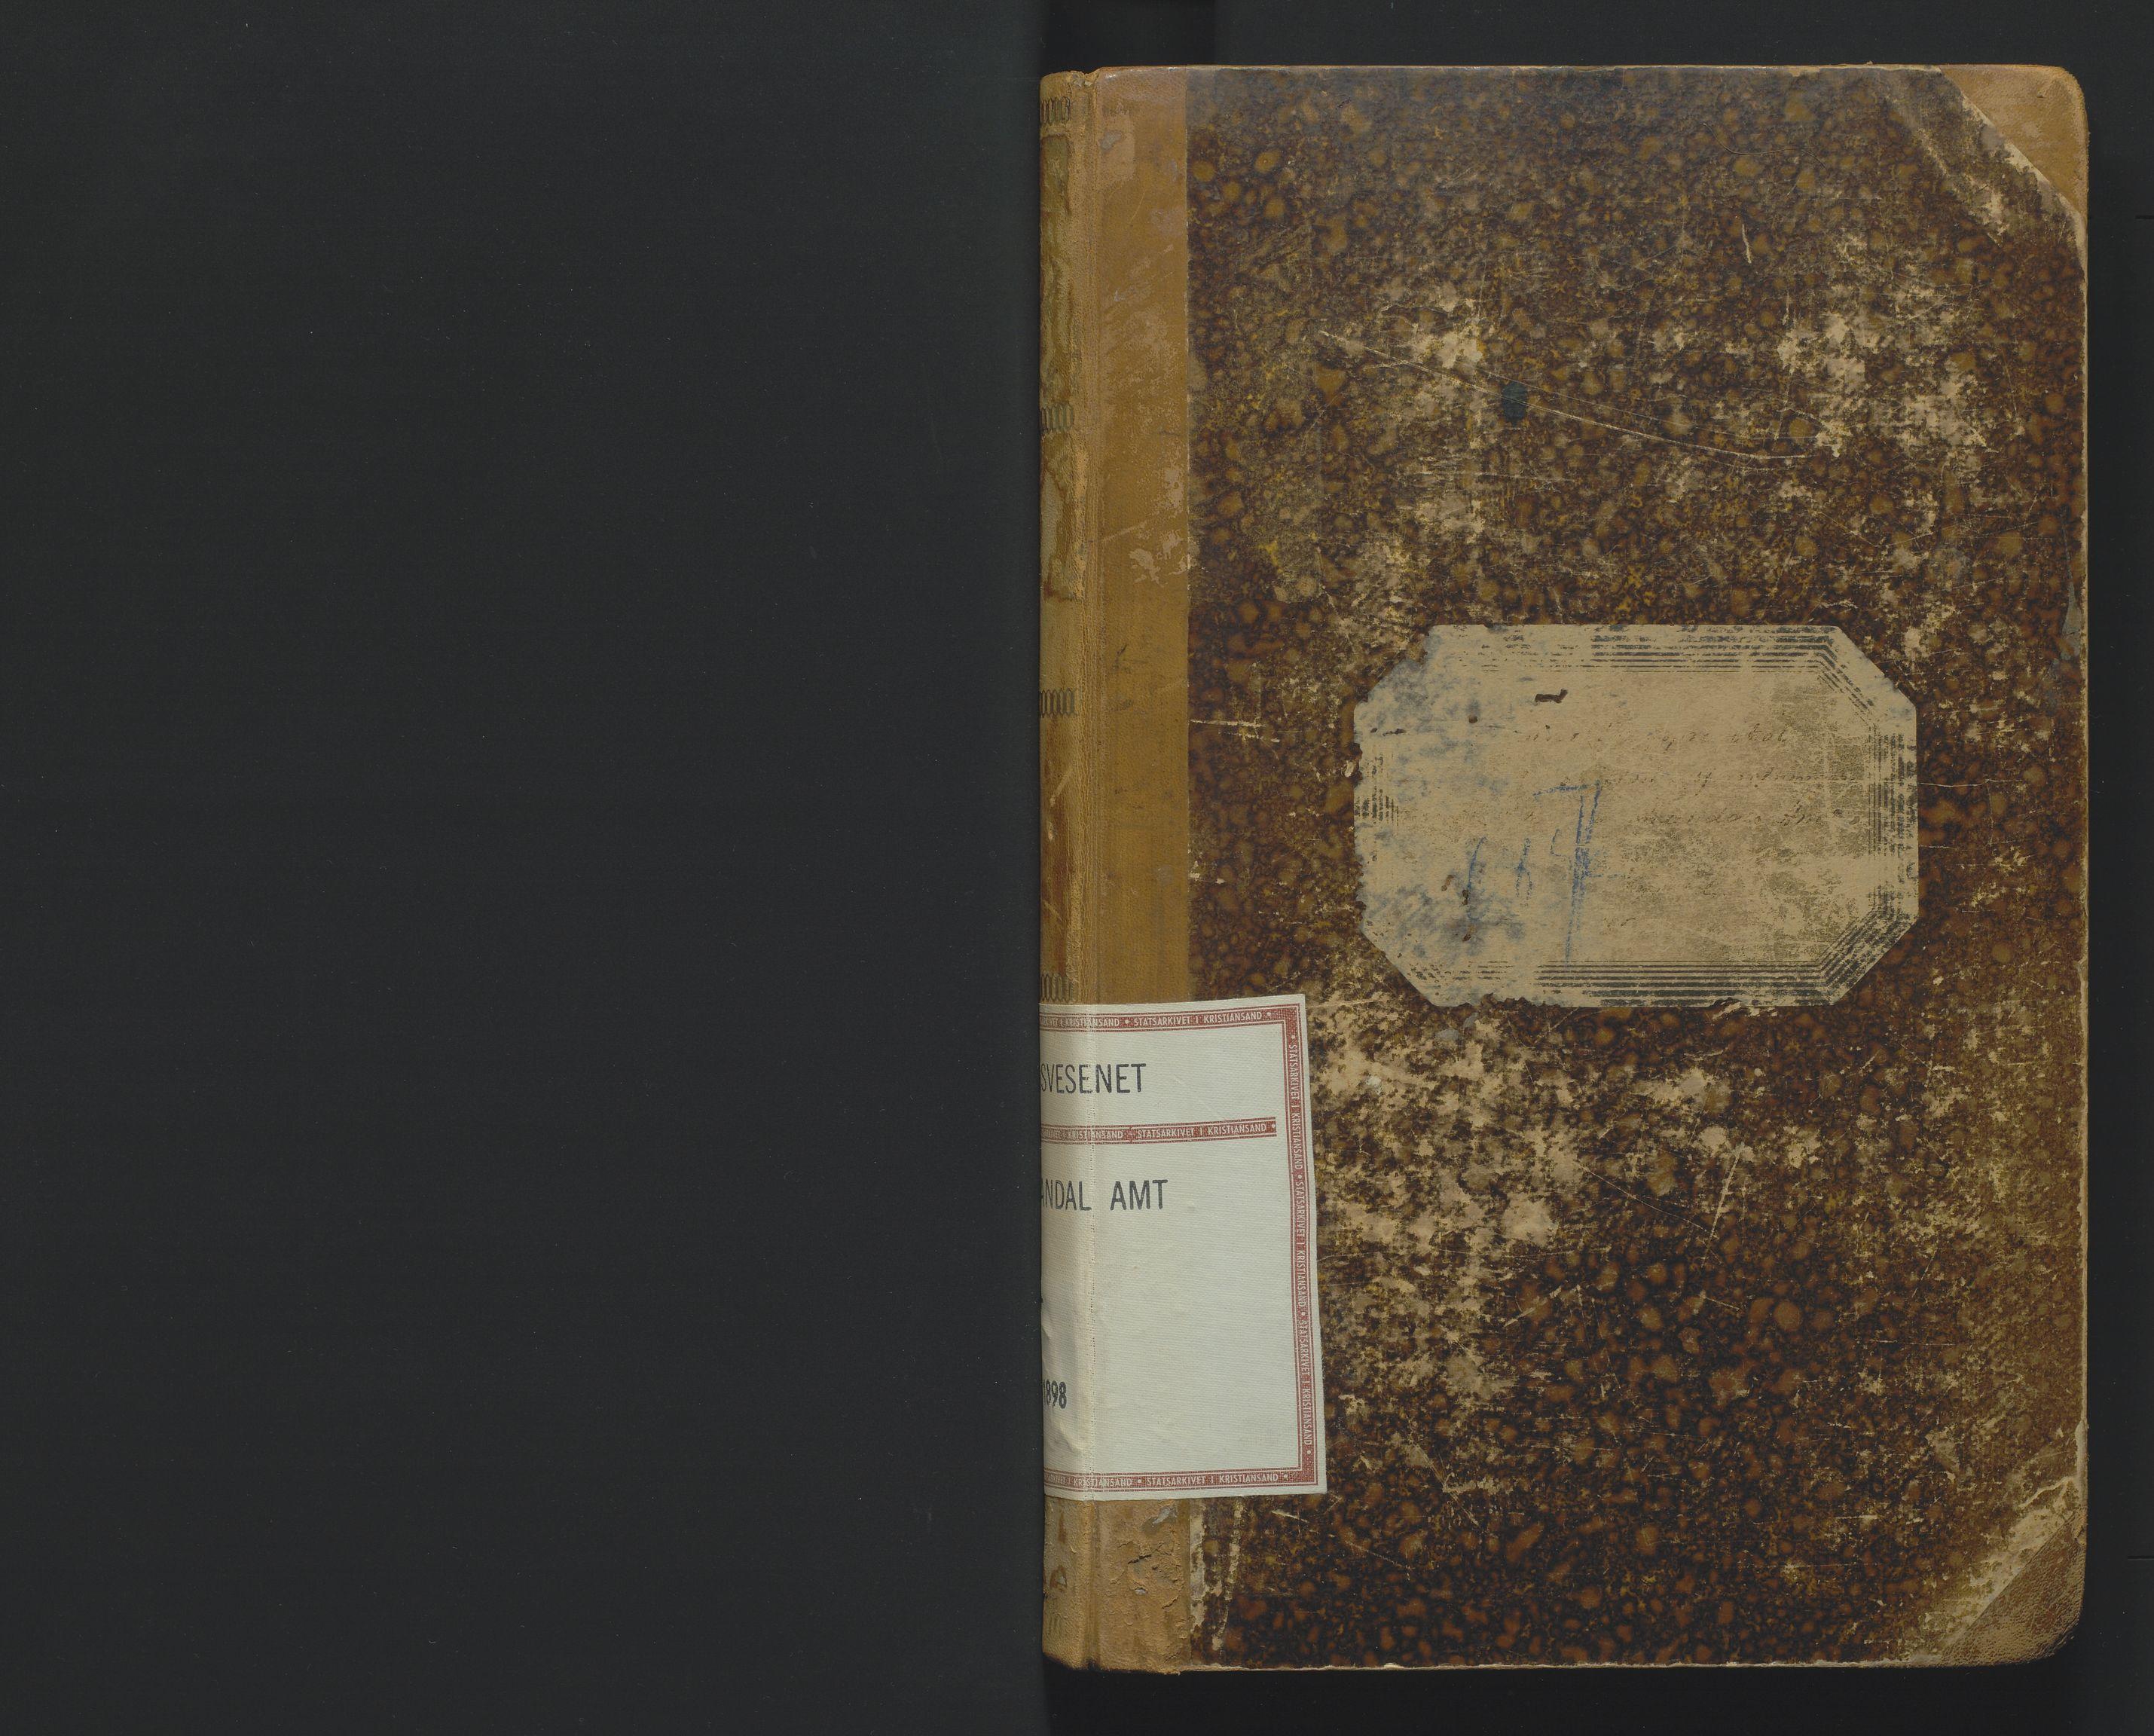 SAK, Utskiftningsformannen i Lister og Mandal amt, F/Fa/Faa/L0021: Utskiftningsprotokoll med register nr 21, 1895-1898